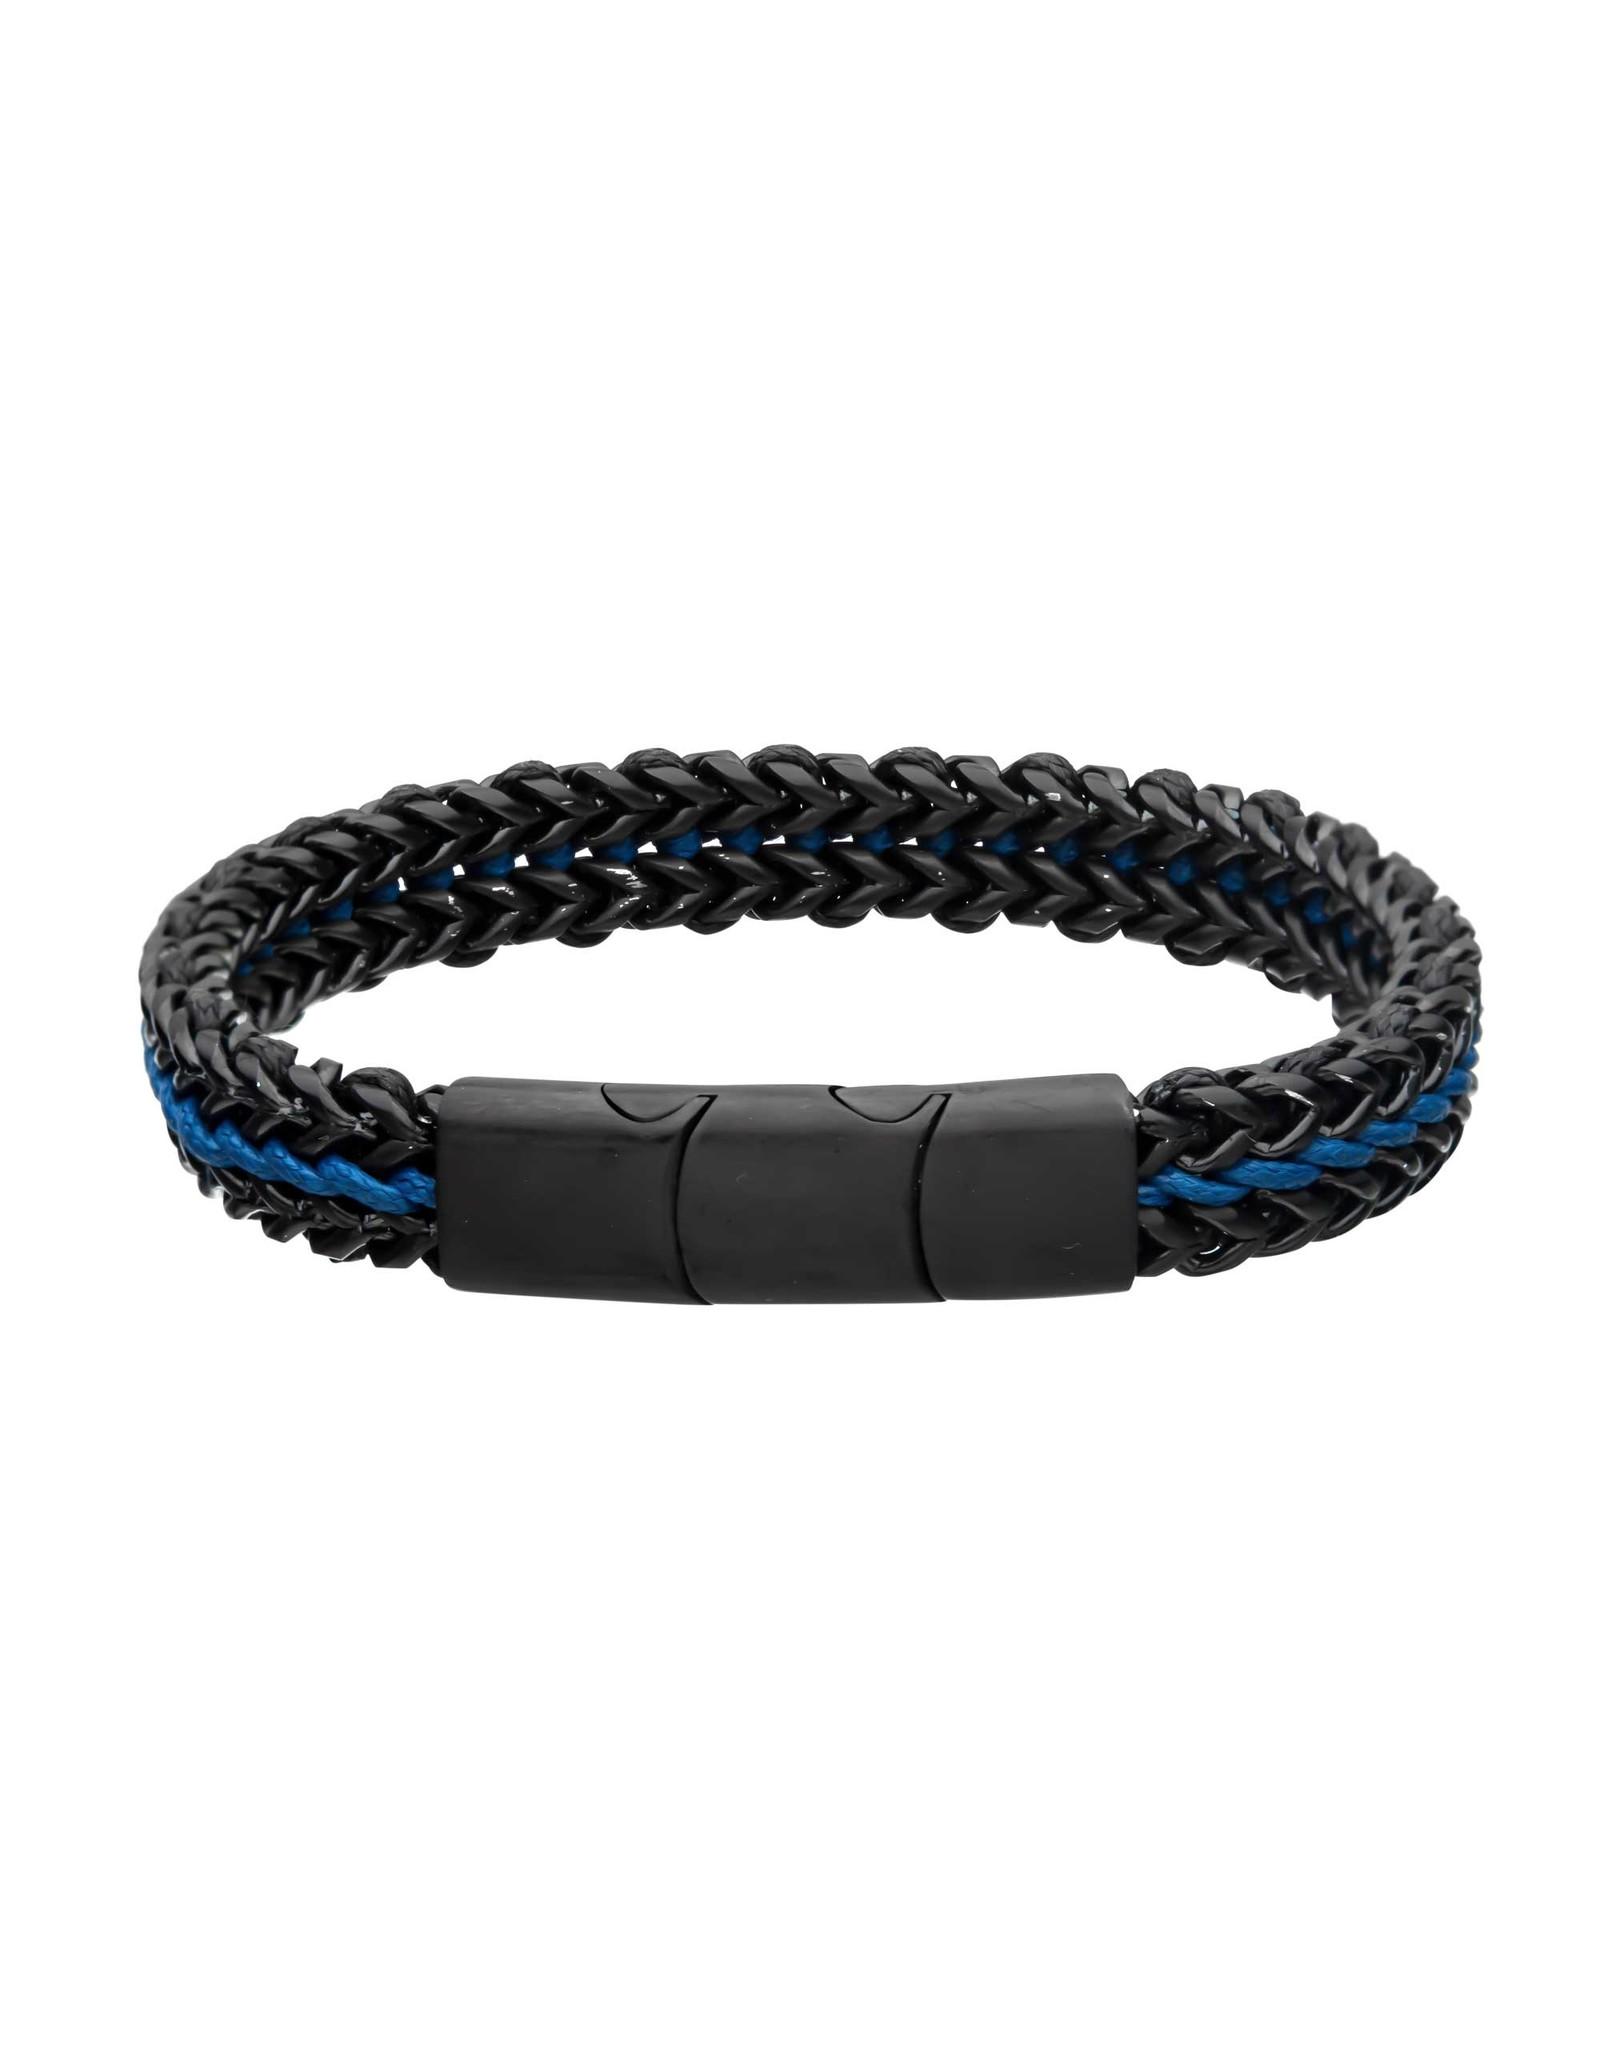 Inox Allegiance Blue Stainless Steel